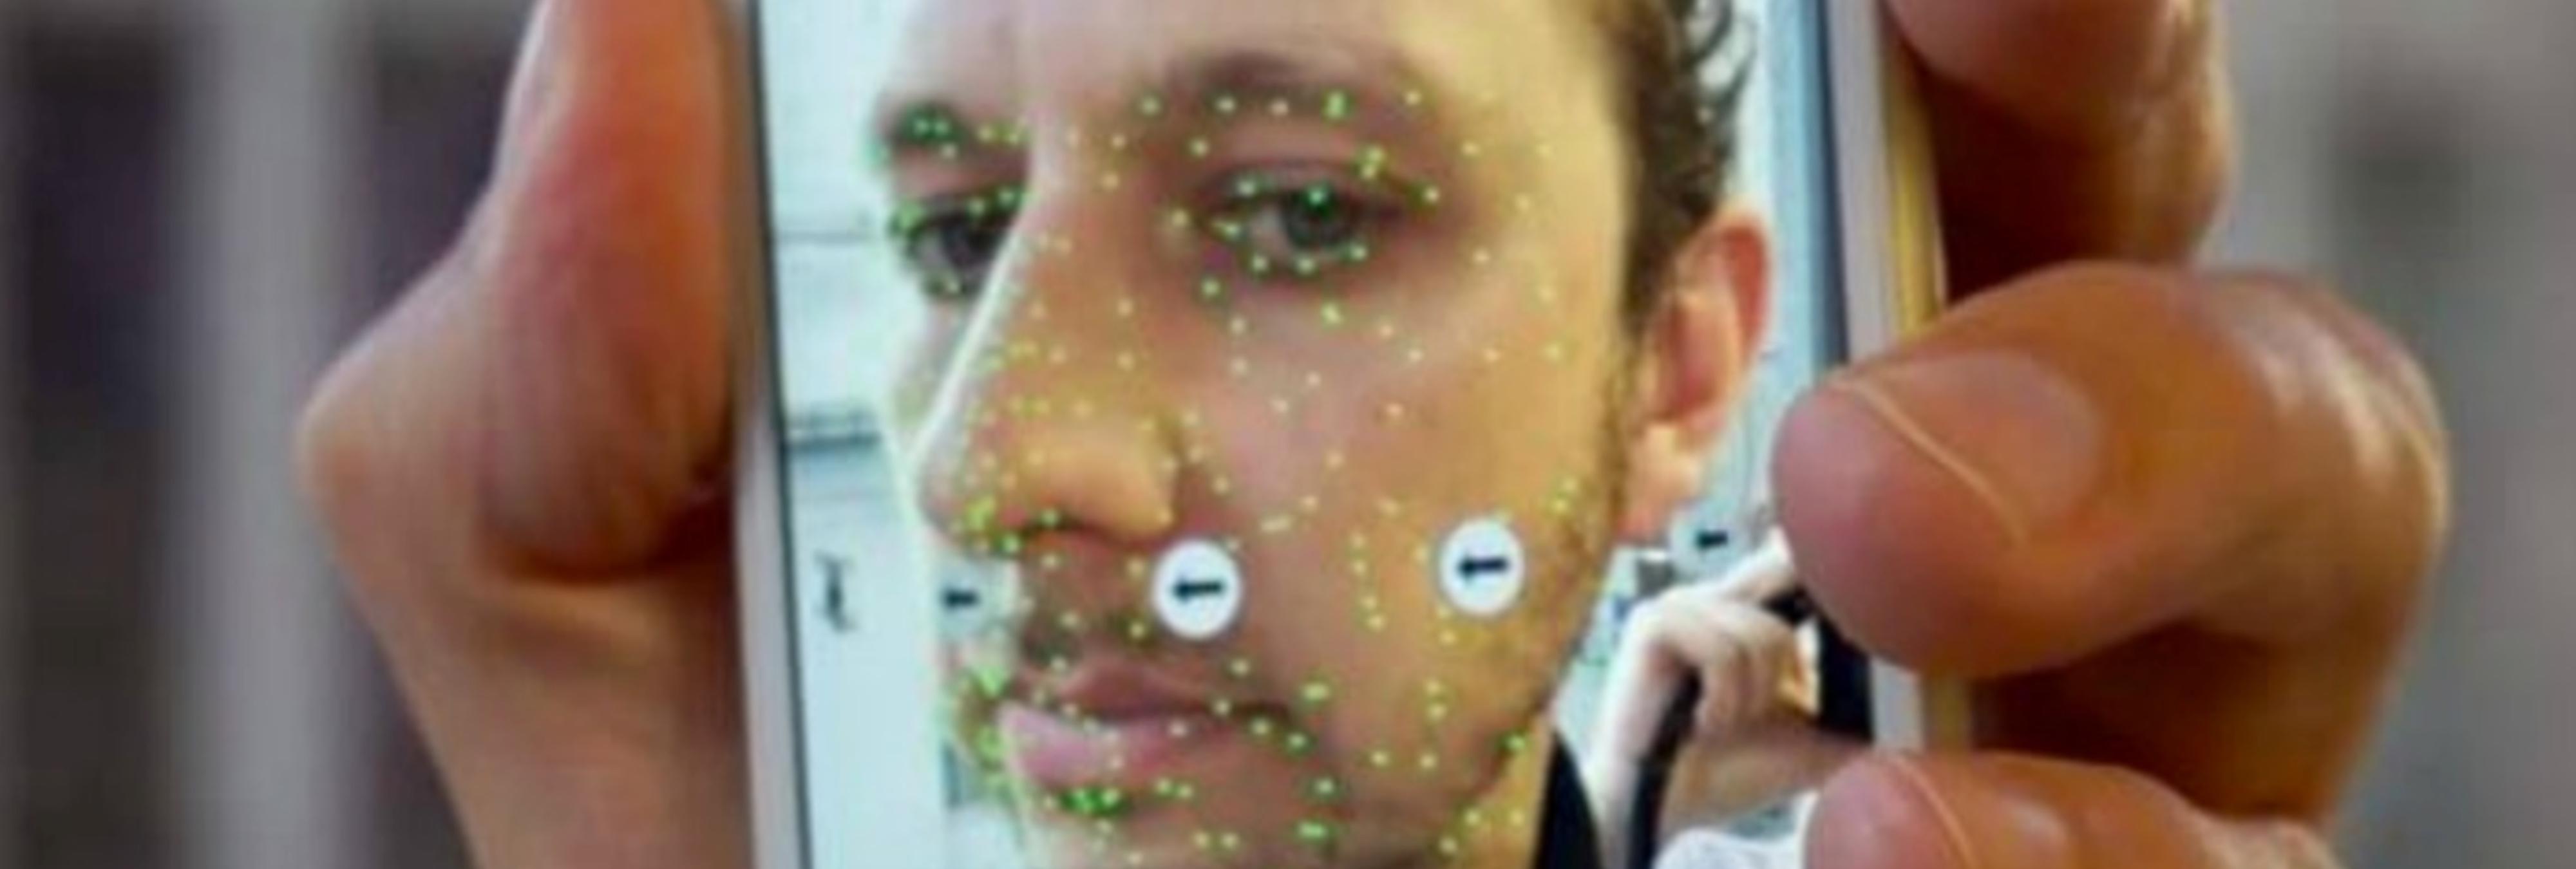 El algoritmo homófobo que promete adivinar tu orientación sexual con tu foto de perfil